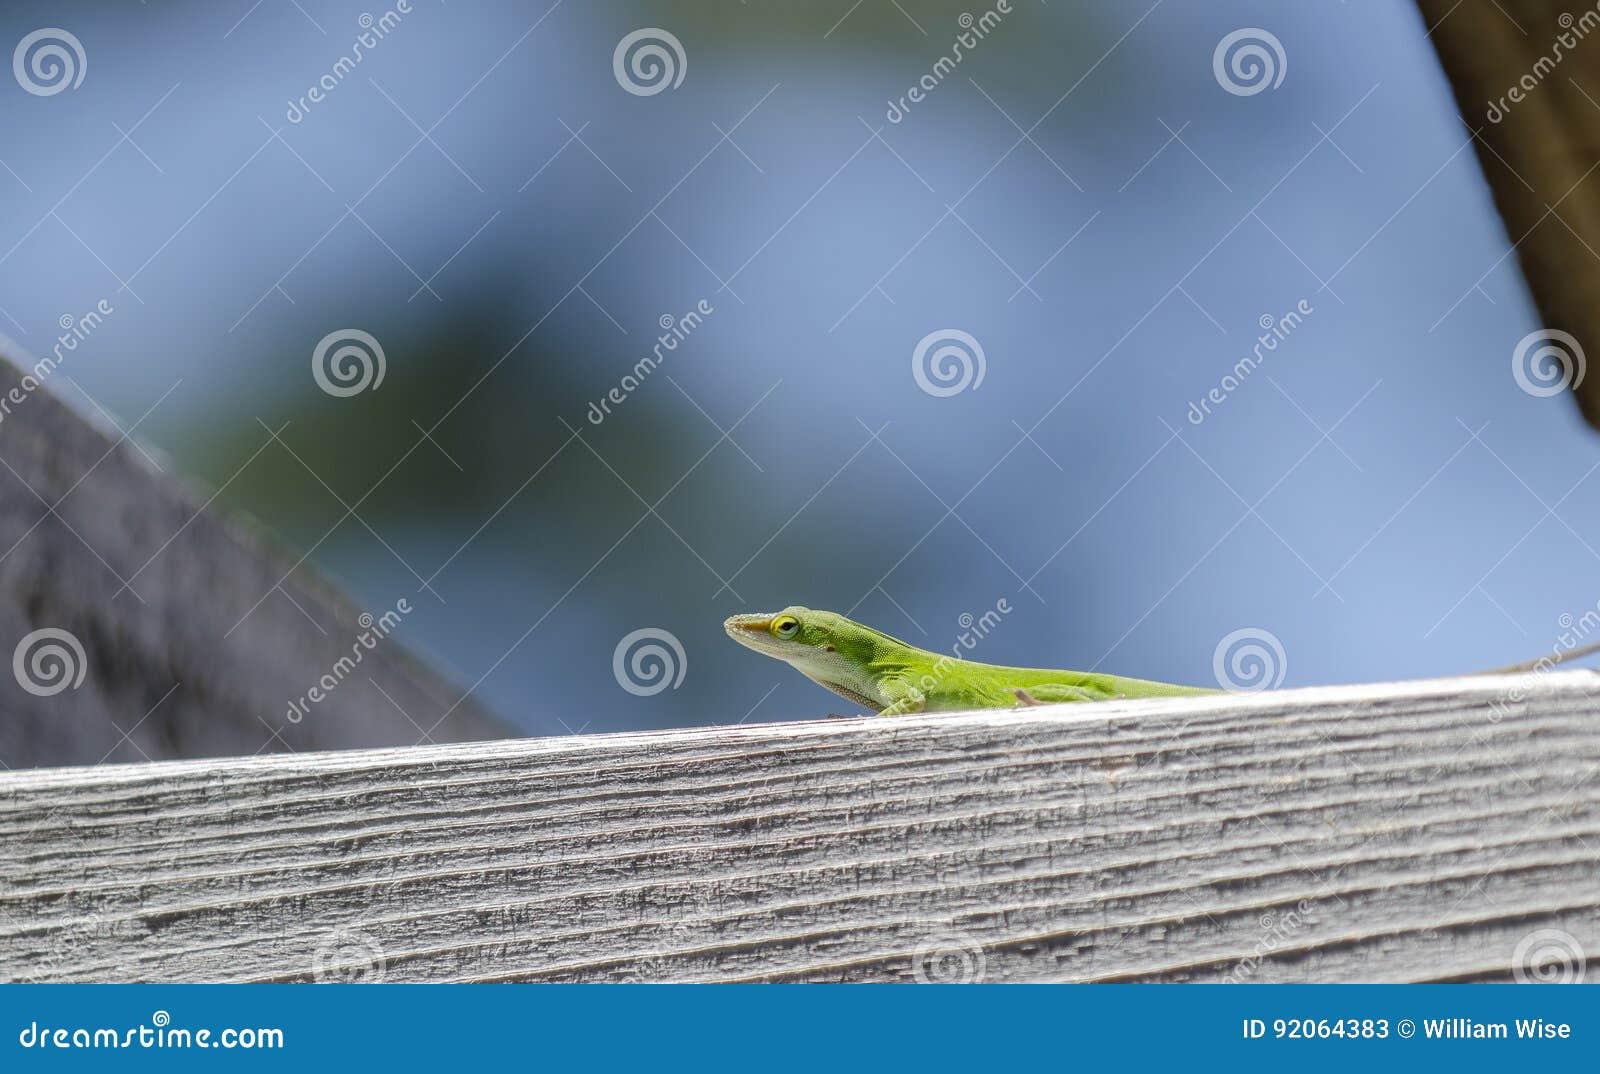 Green Carolina Anole Lizard